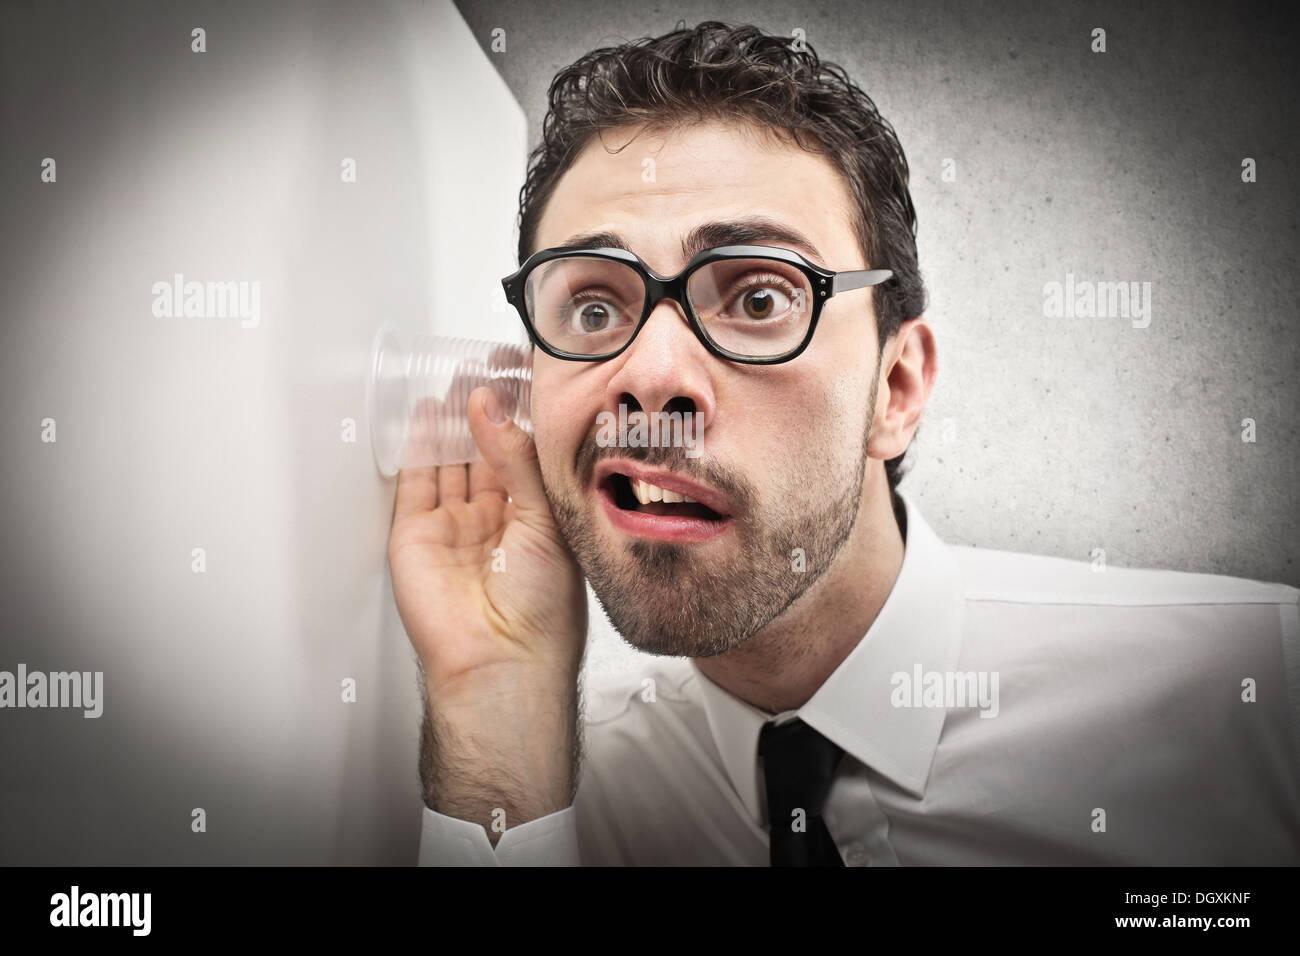 Lavoratore di ufficio con gli occhiali cercando di sentire attraverso una parete Immagini Stock